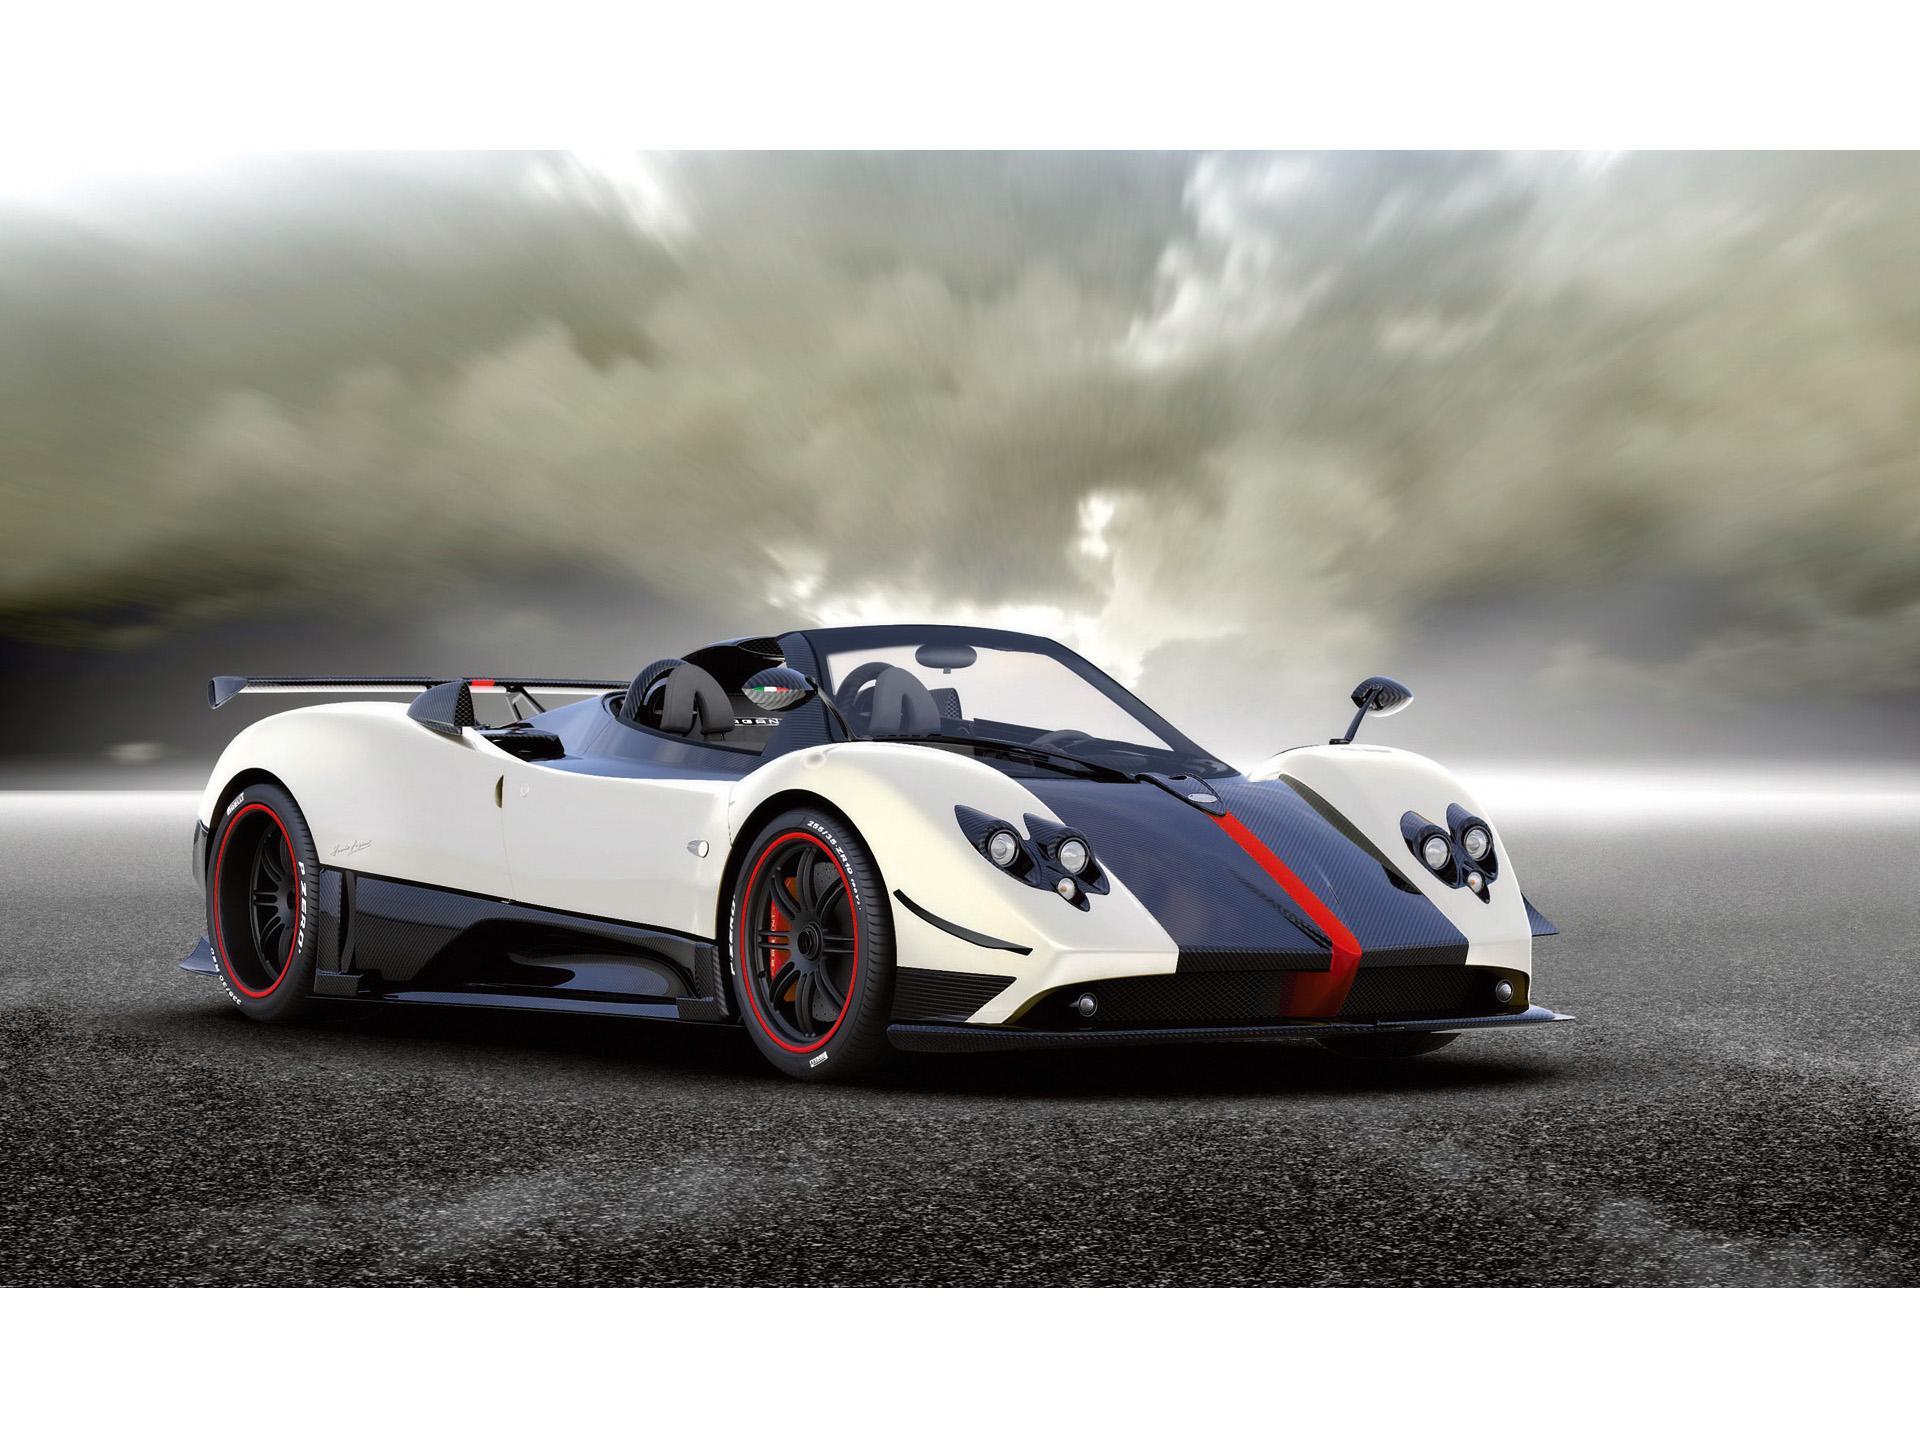 Hd Exotic Car Wallpapers 1920x1080 2009 Pagani Zonda Cinque Roadster Conceptcarz Com